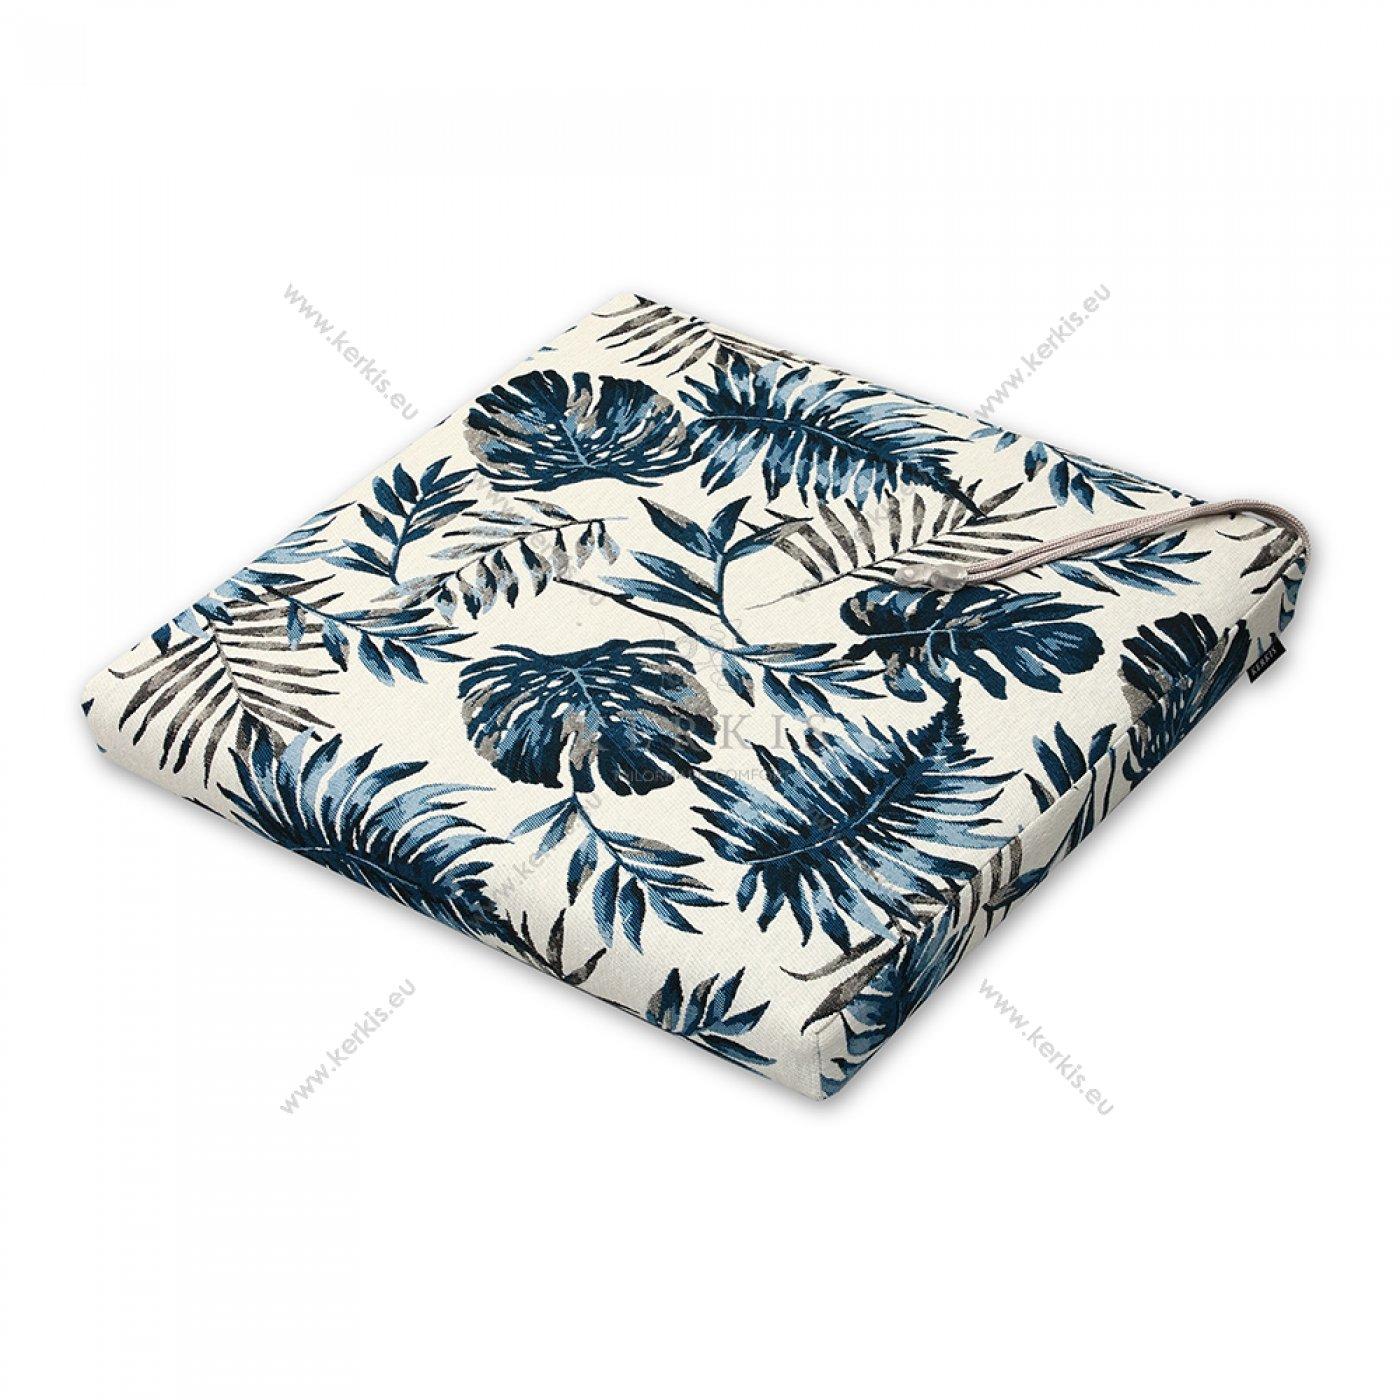 Μαξιλάρι καρέκλας μπλε φύλλα